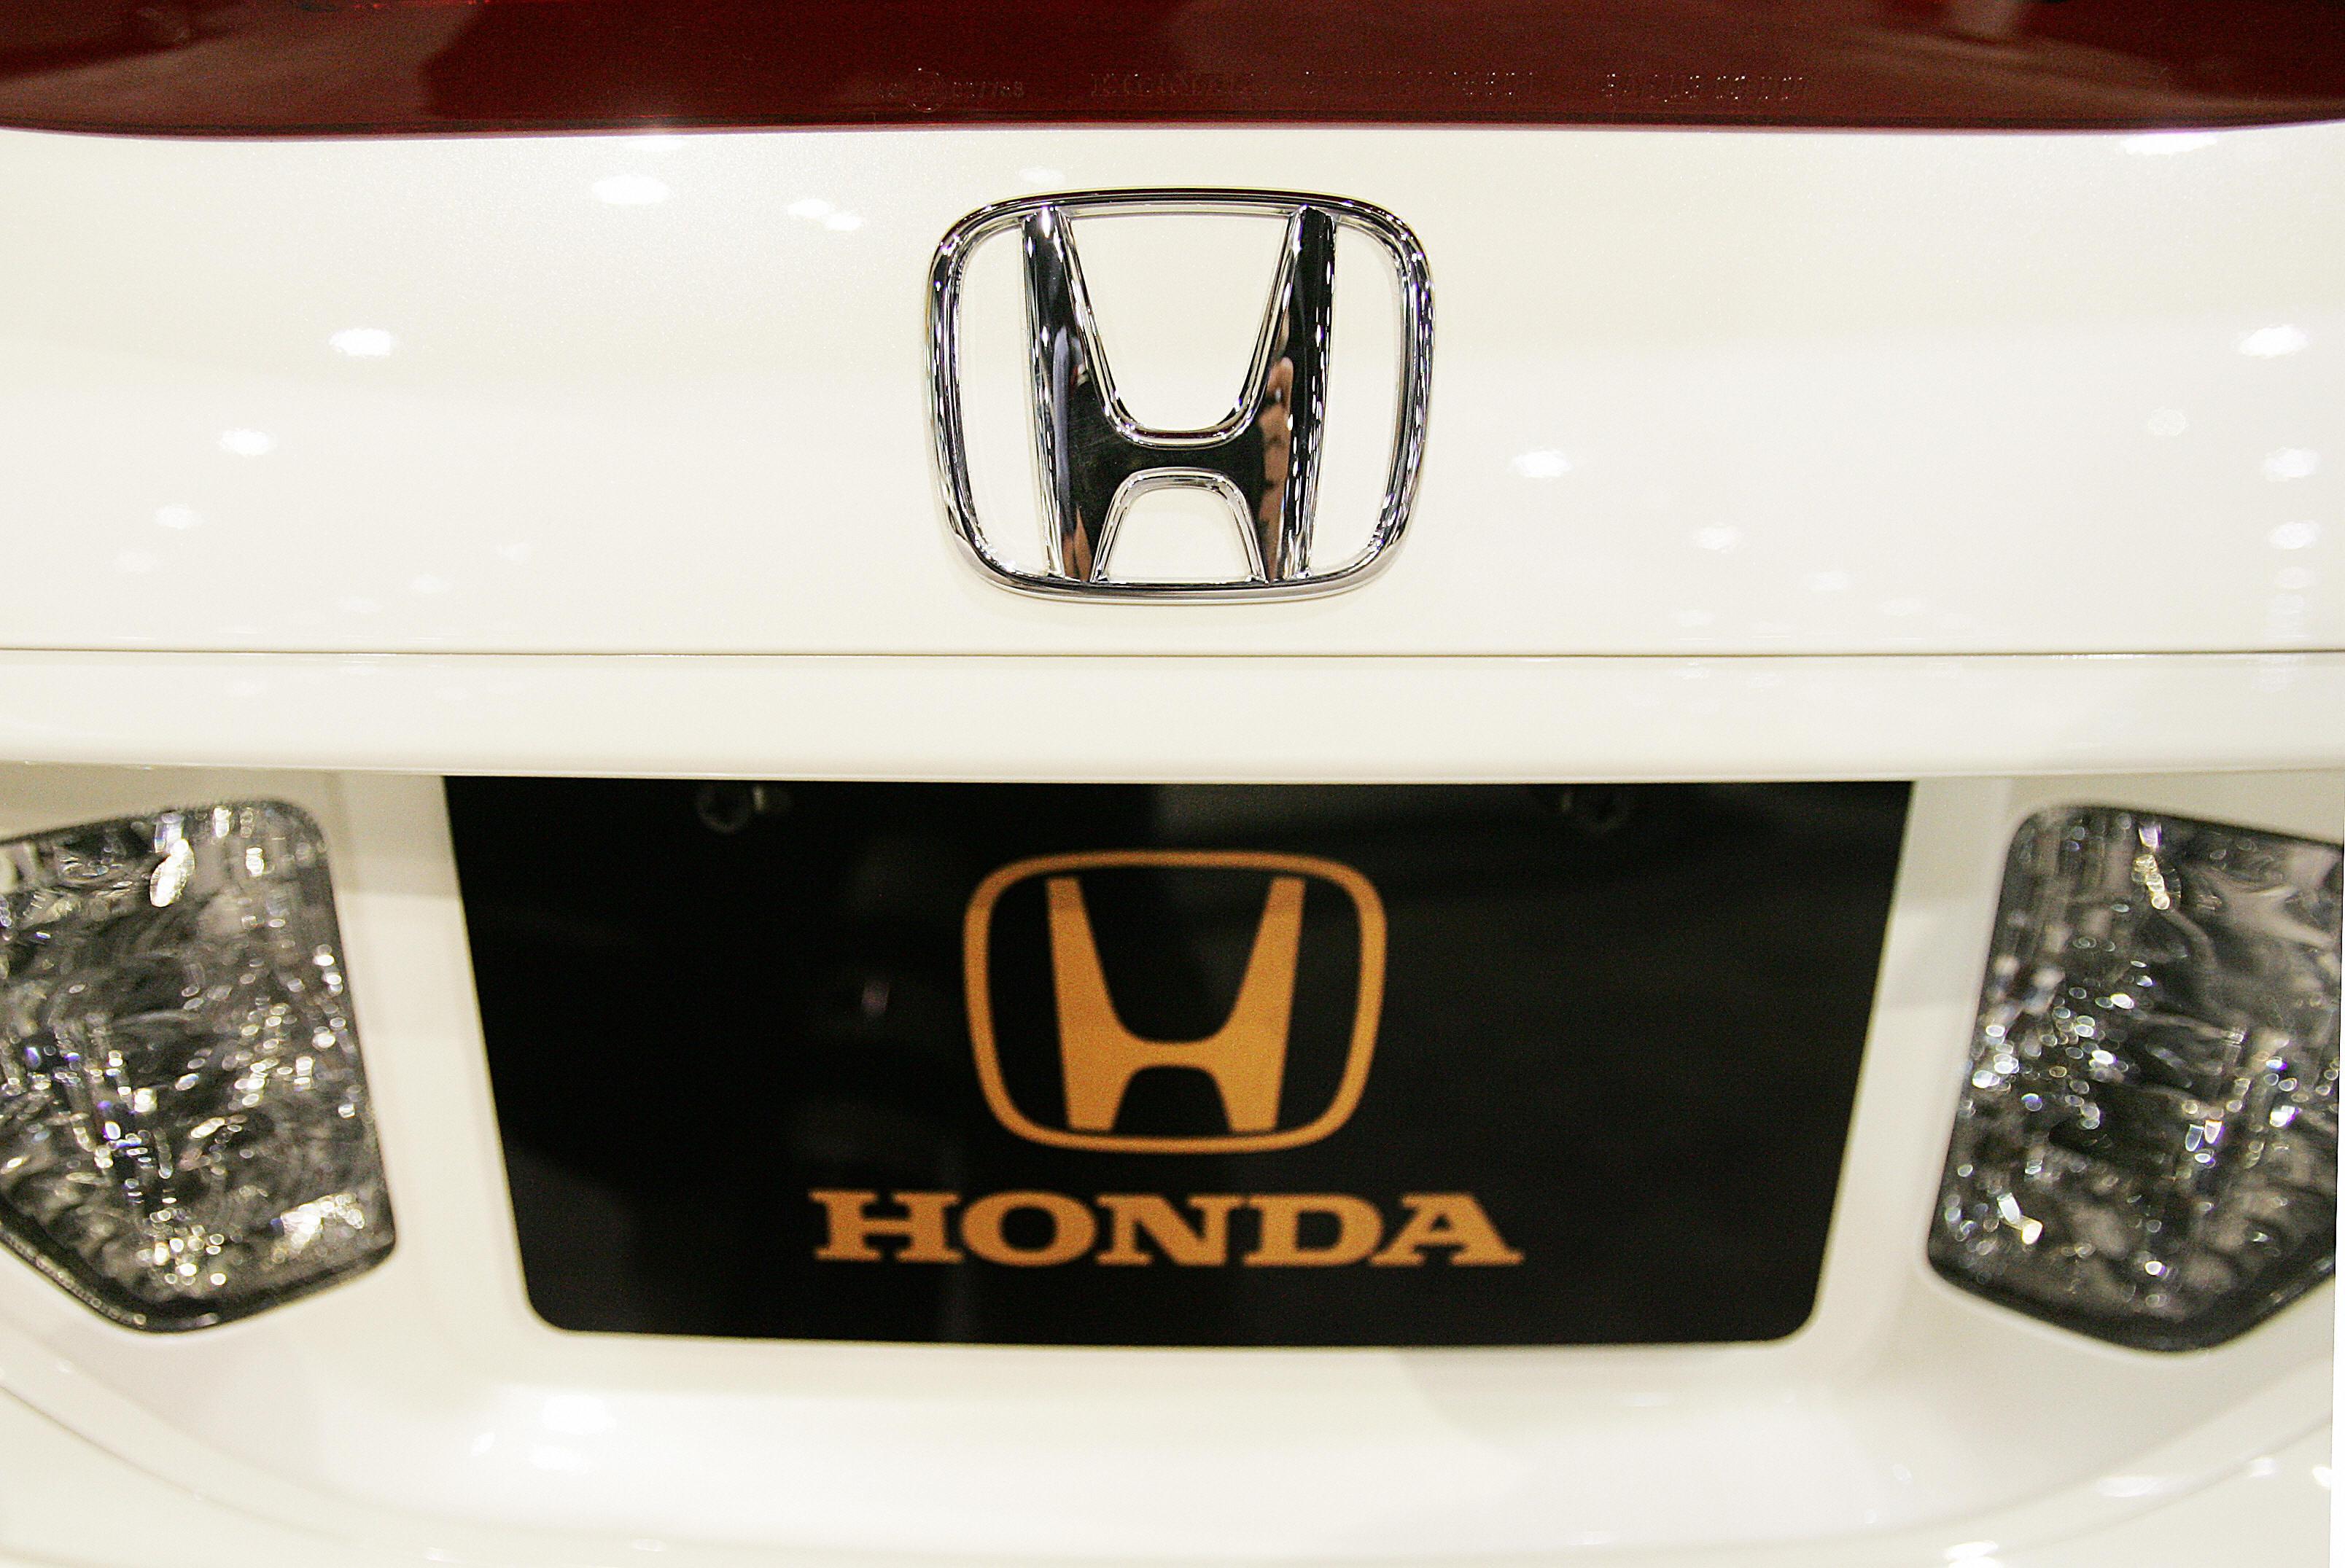 The Honda Motor Company logo can be seen